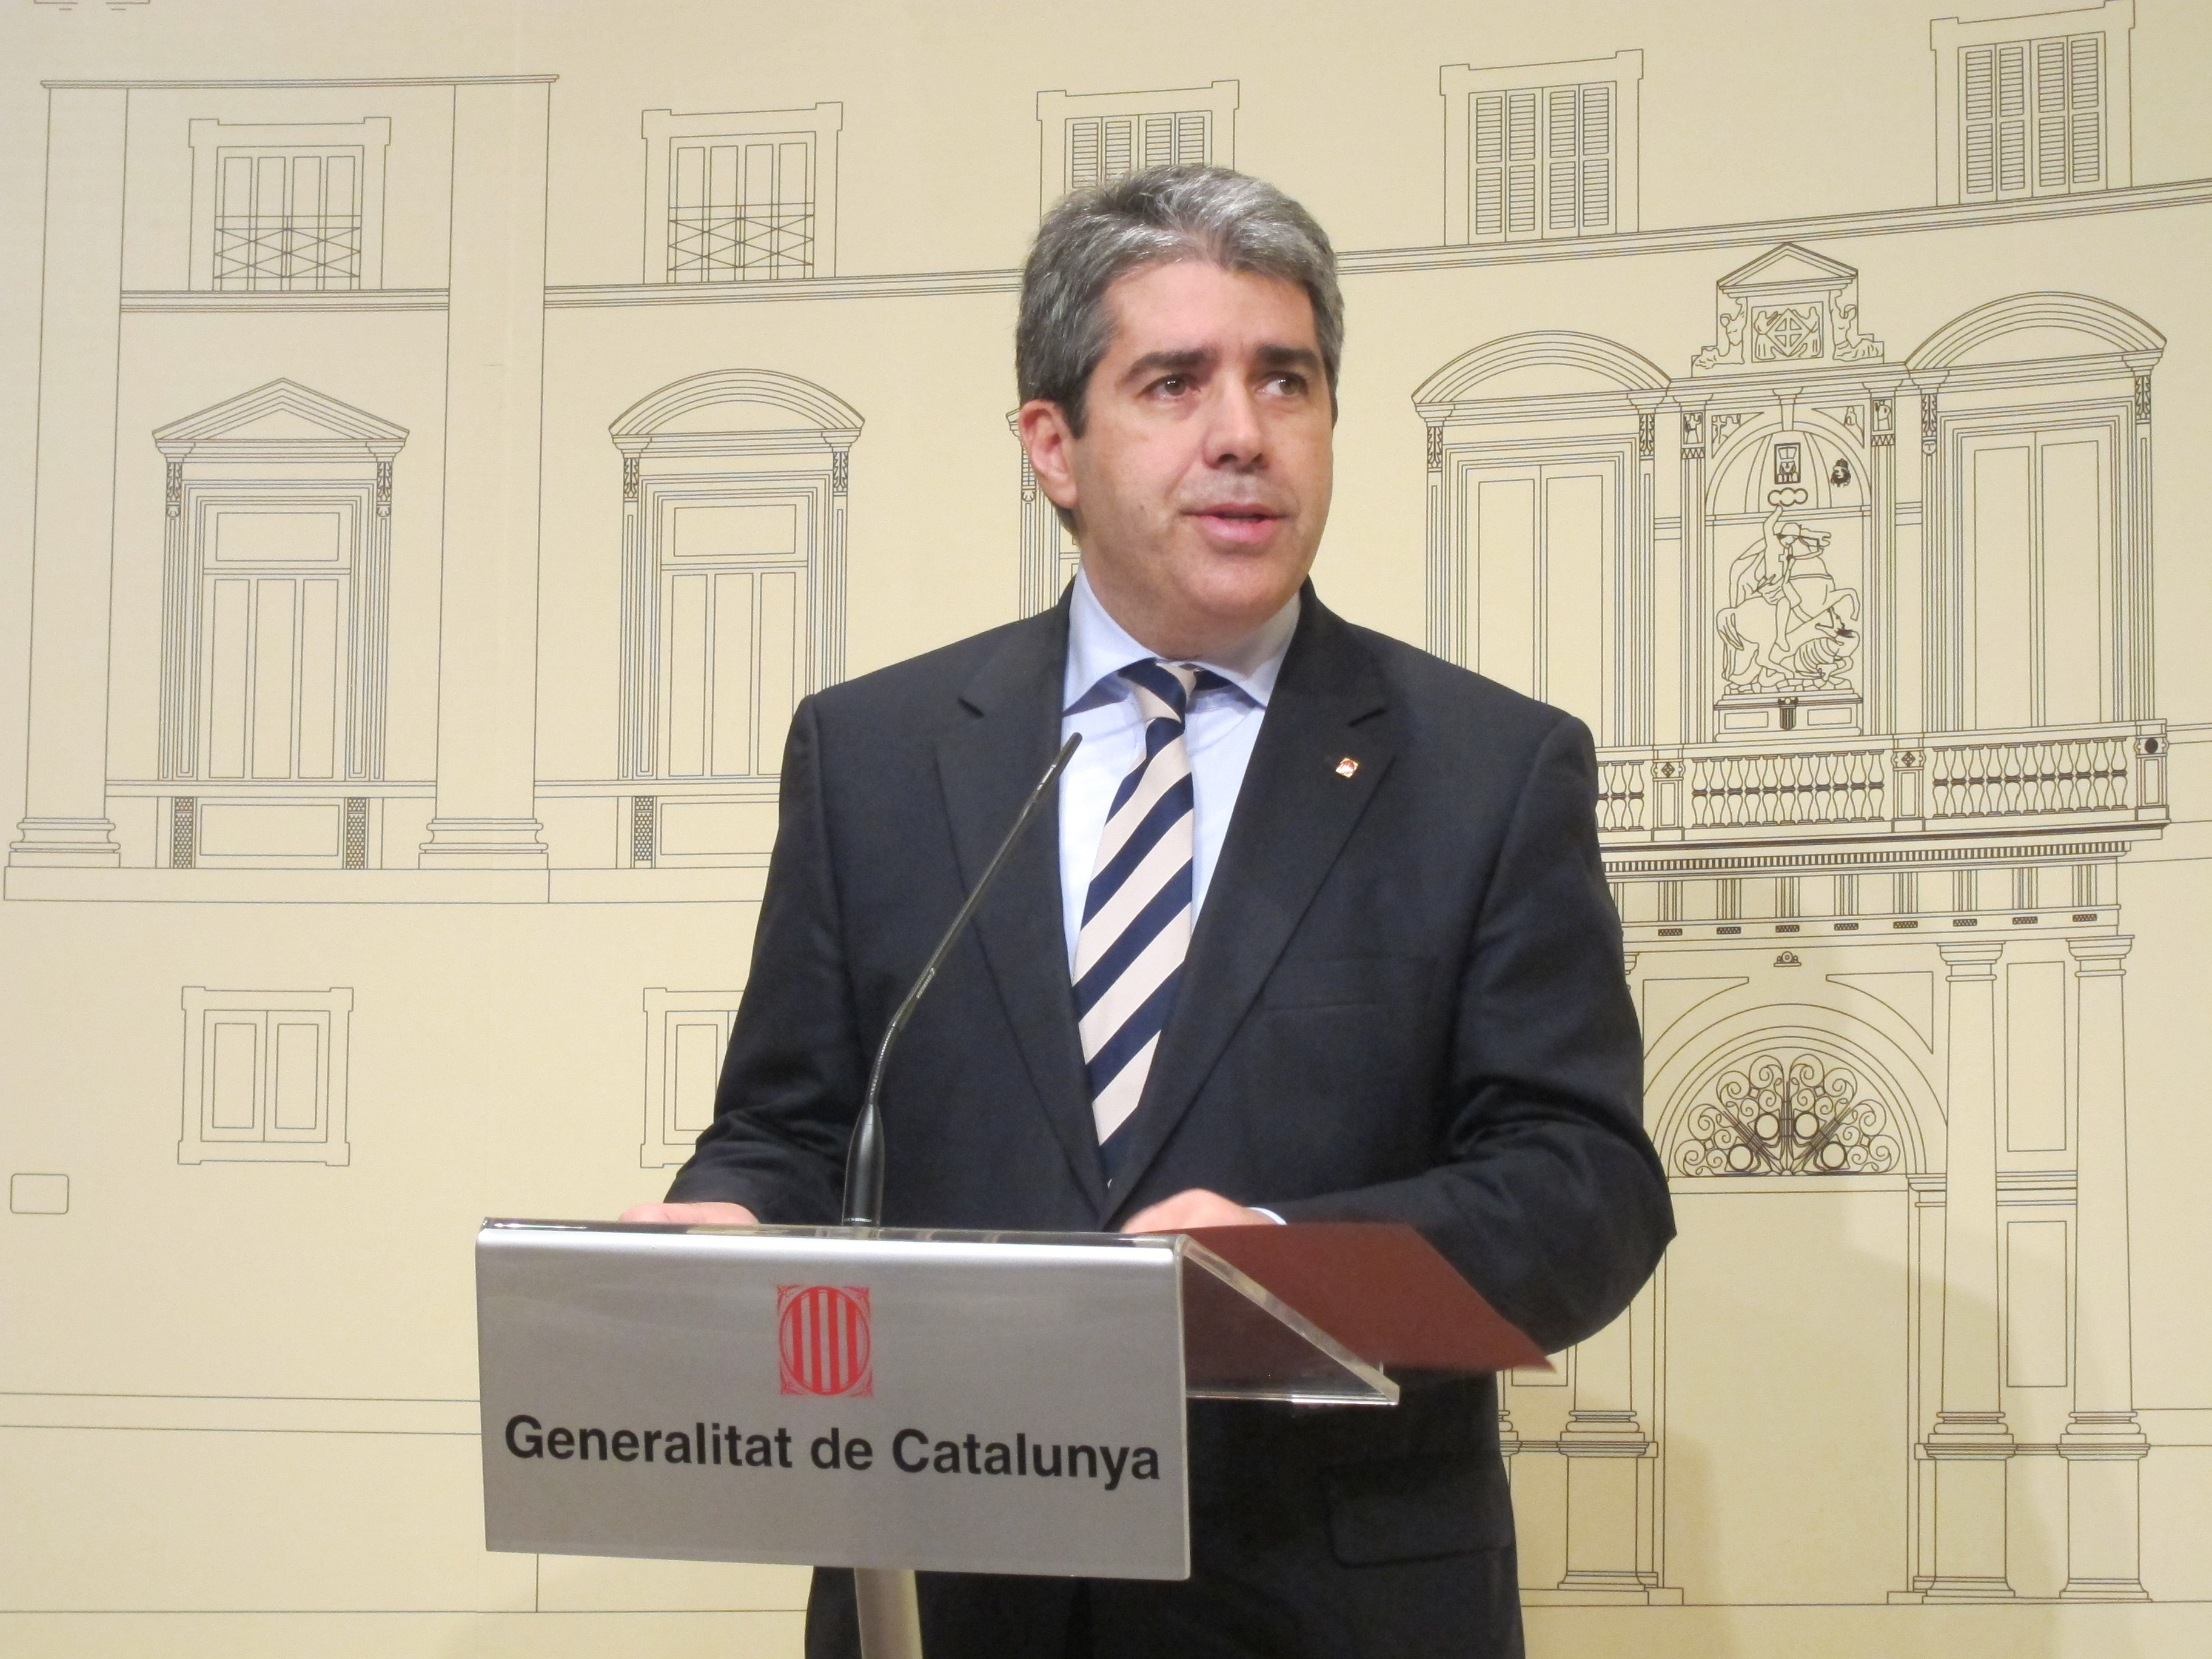 El Govern cree que recurrir la declaración en vez de dialogar sería «miopía democrática»